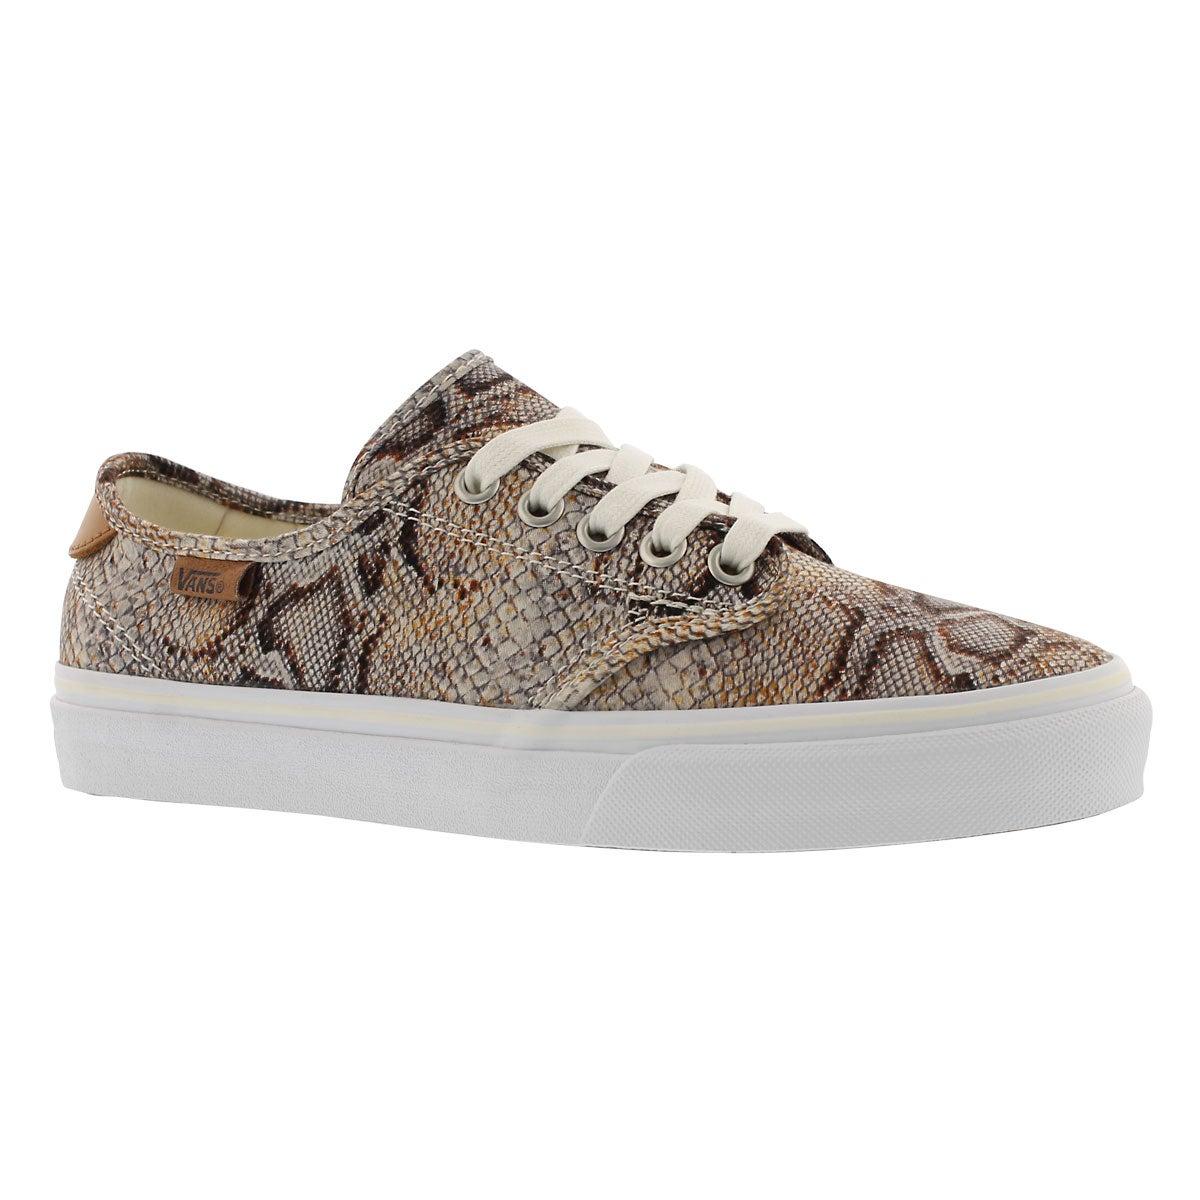 Women's CAMDEN DELUXE snake laceup sneakers